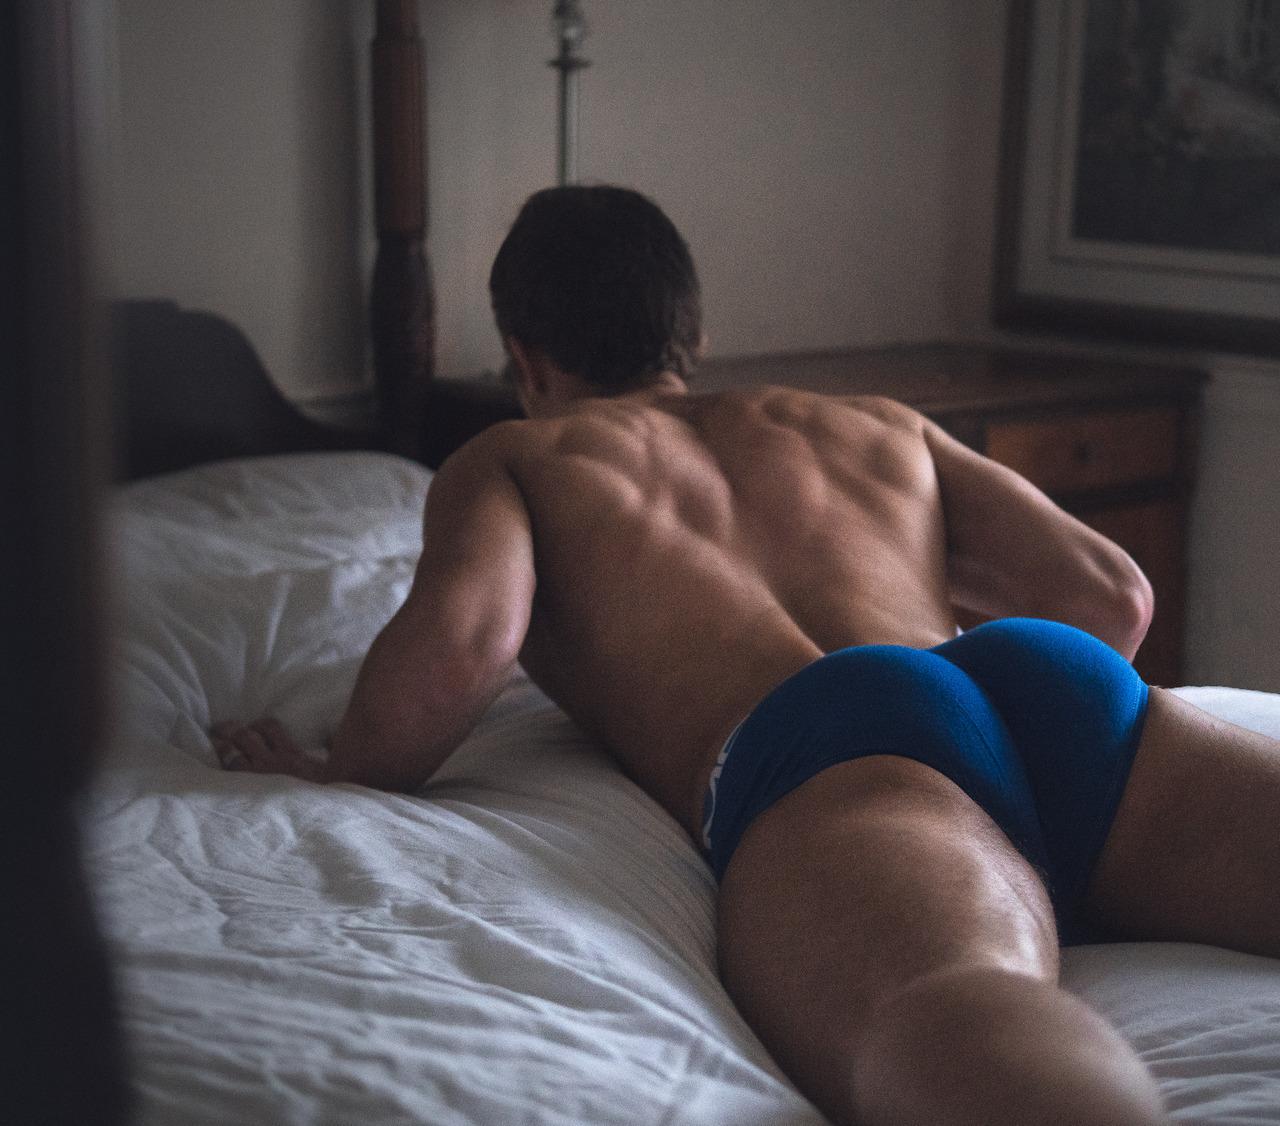 hard gay tumblr